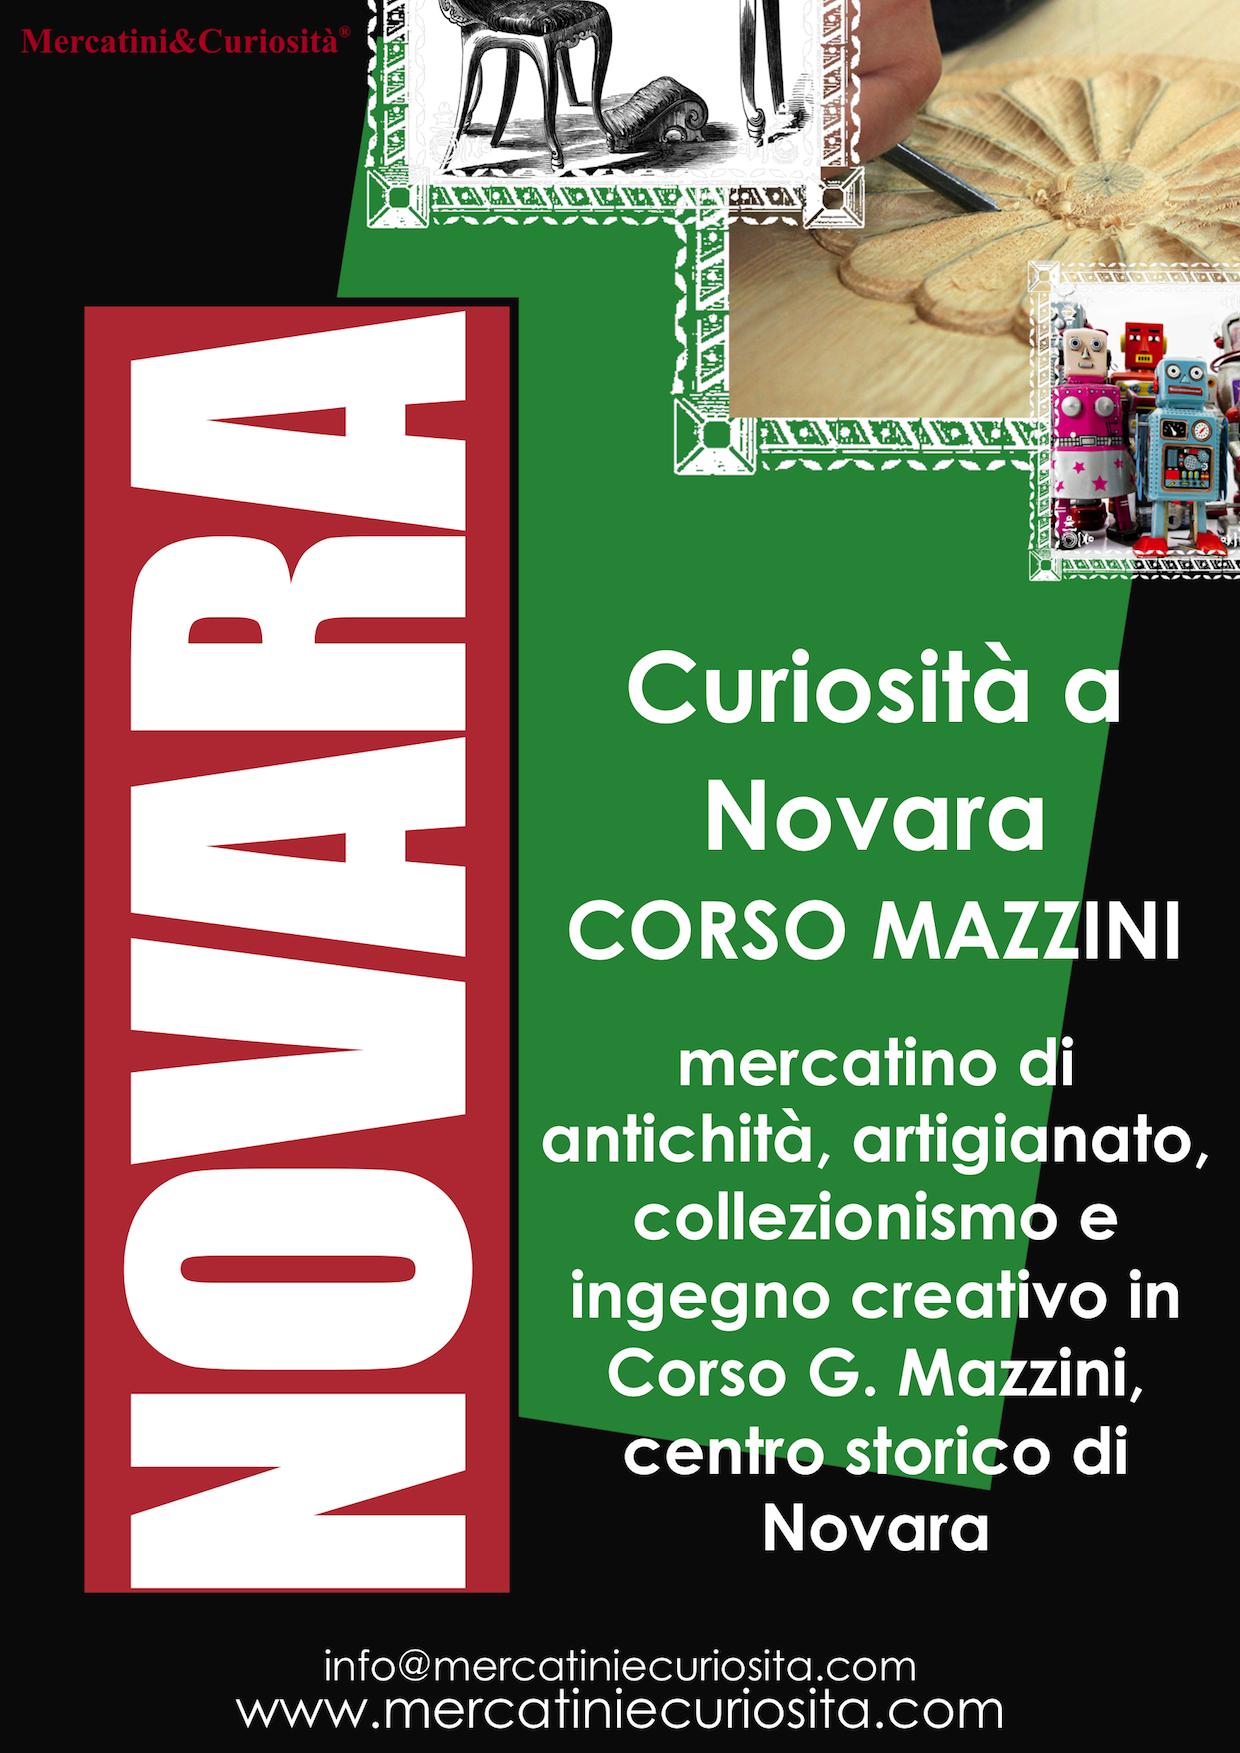 mercatino bancarelle antichità collezionismo artigianato ingegno creativo corso mazzini centro storico novara